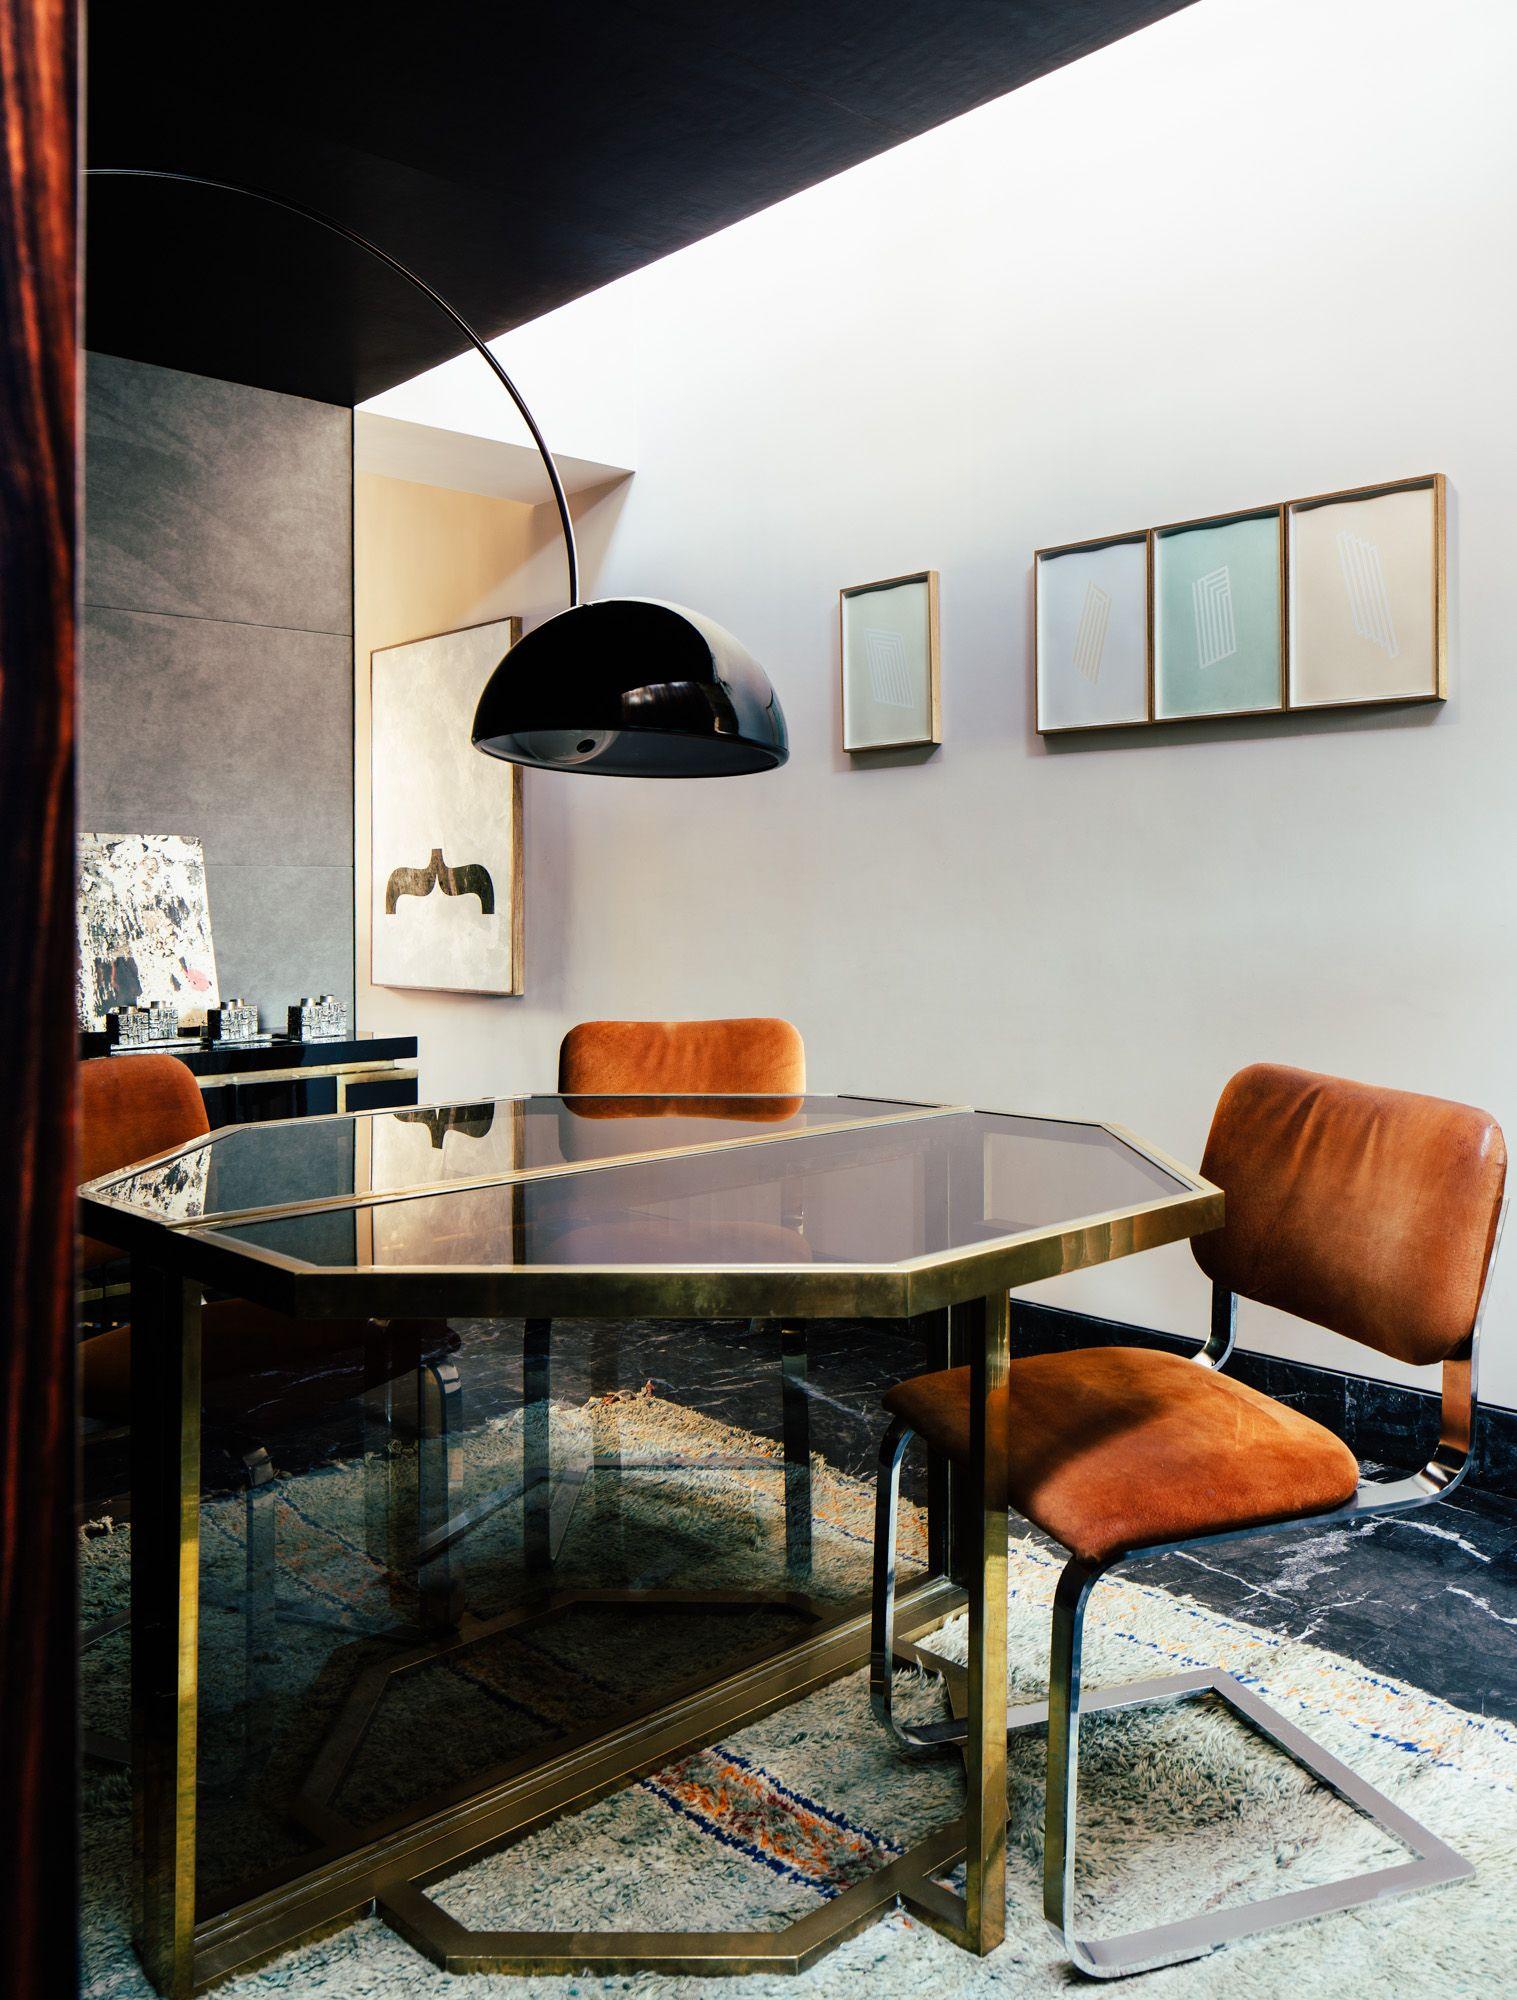 Esszimmer ideen mit spiegeln giorgio possenti photographer  house  pinterest  esszimmer